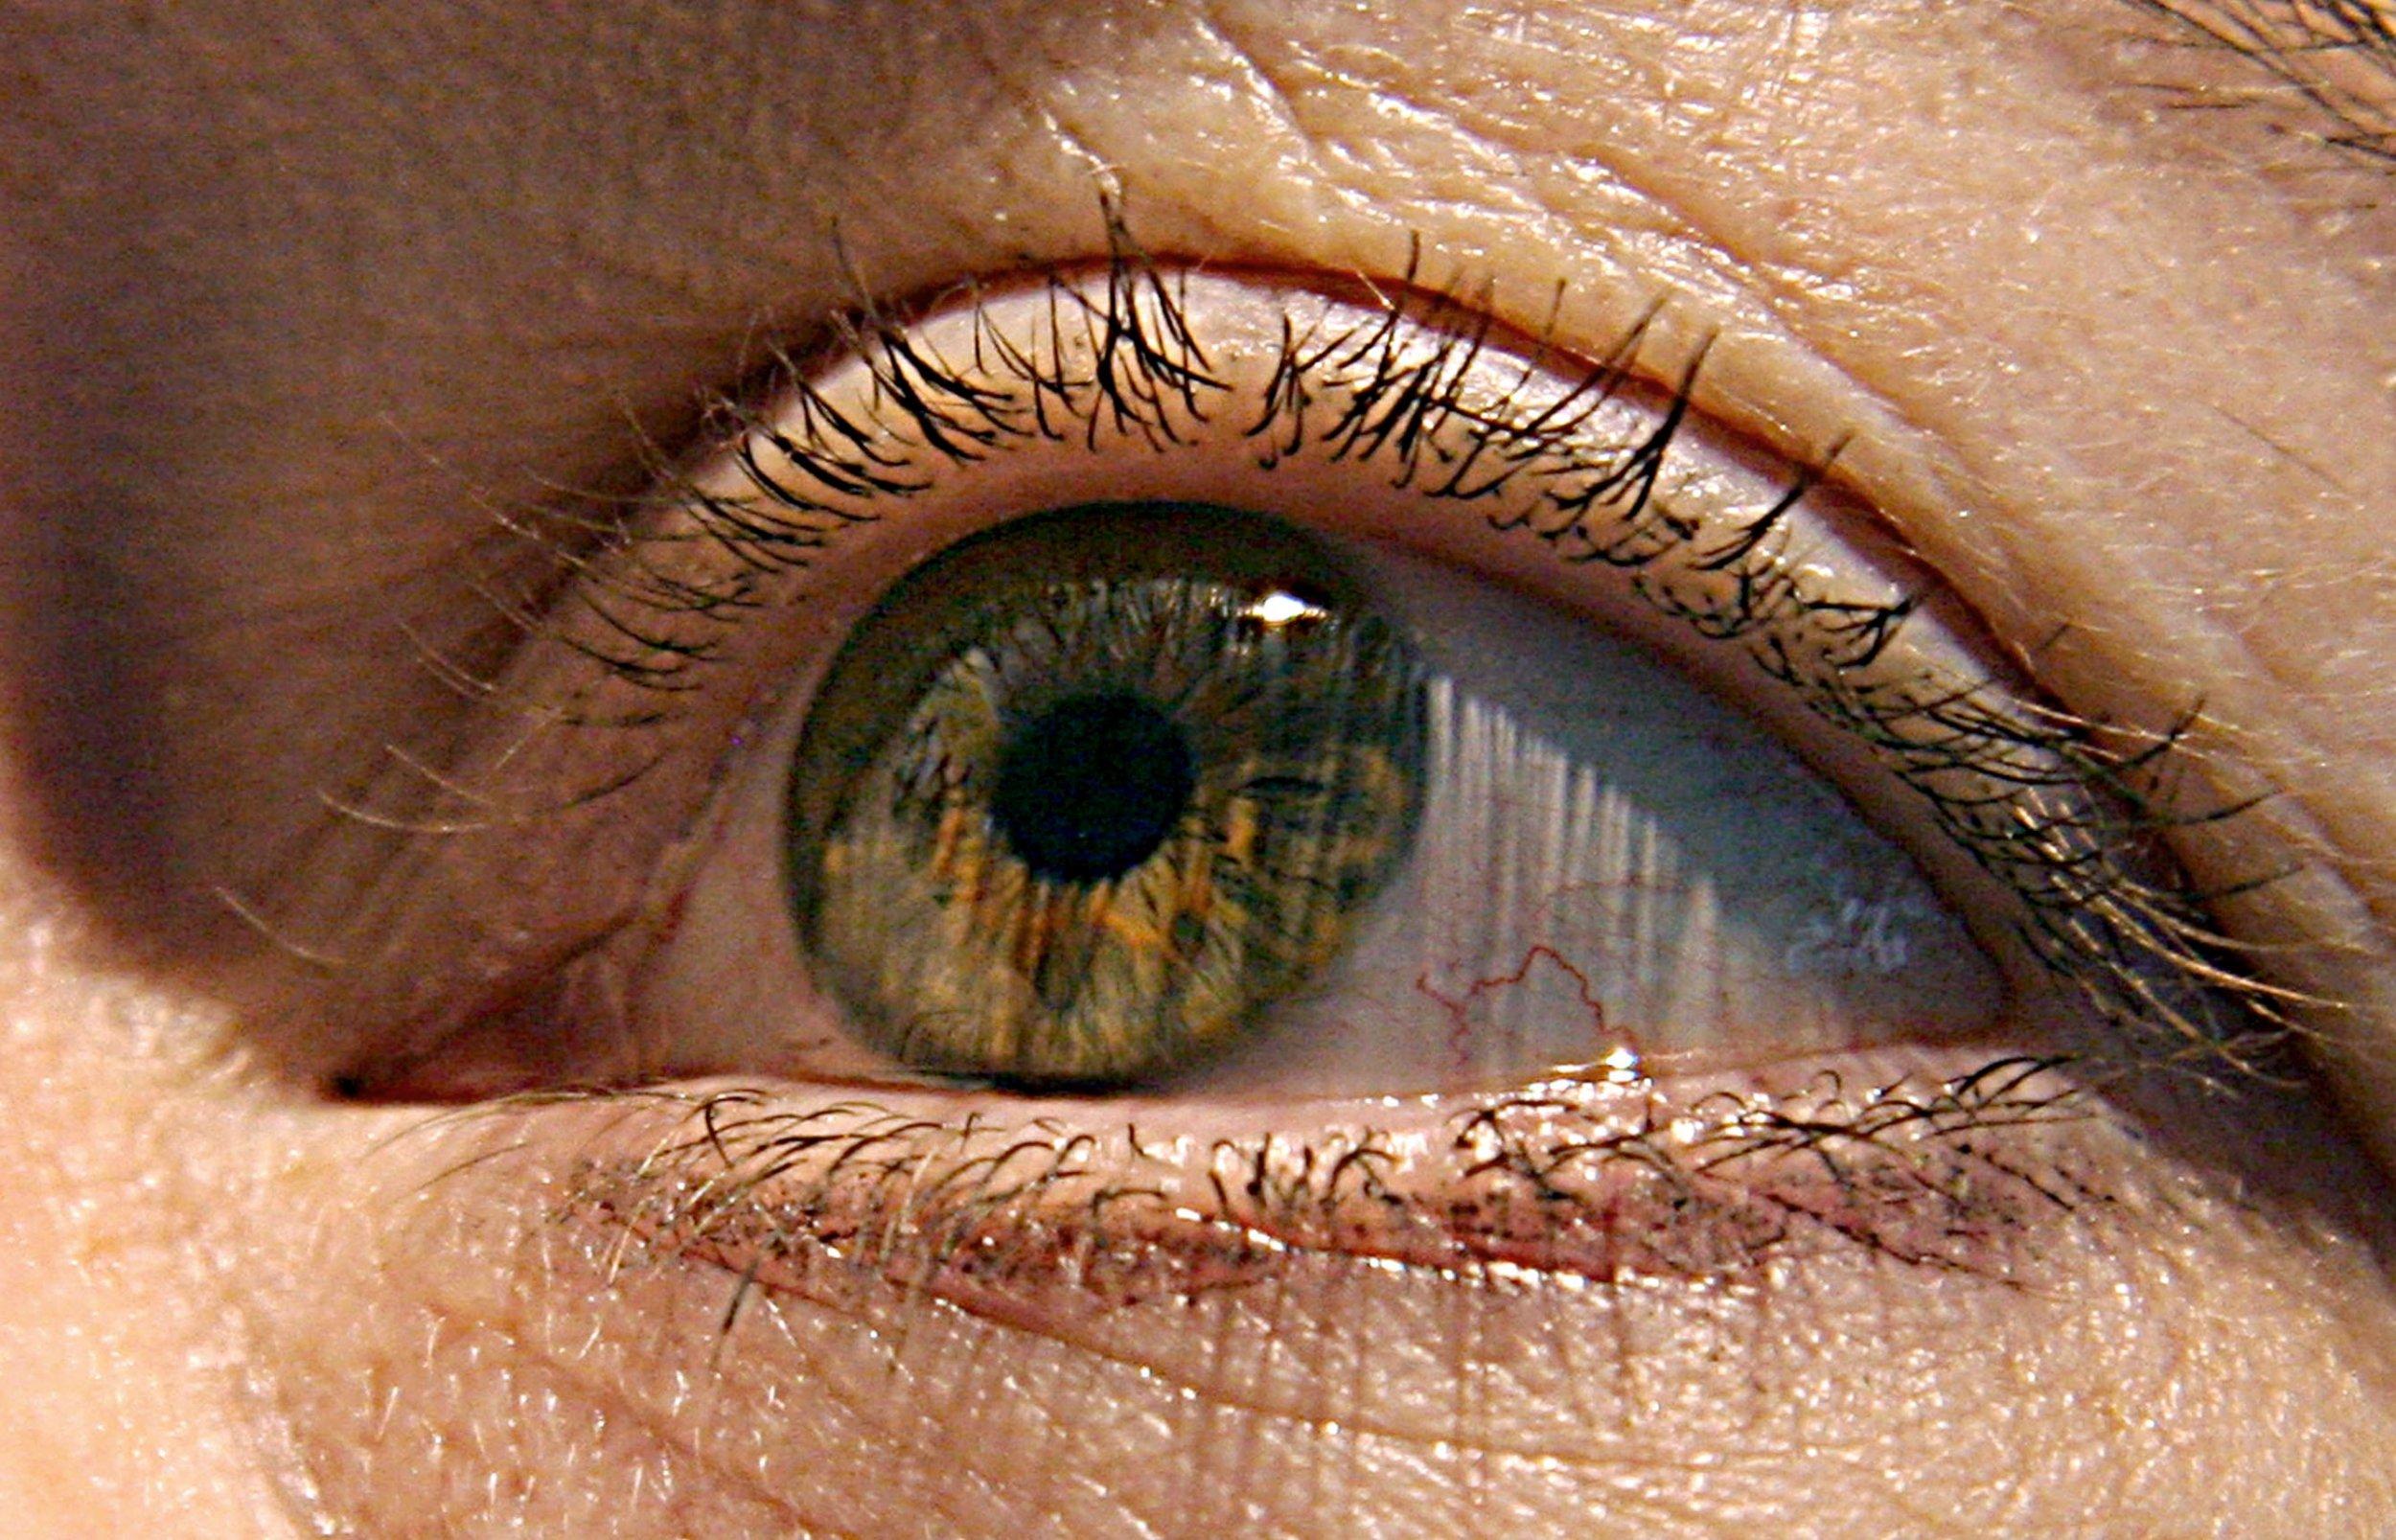 01_16_eye